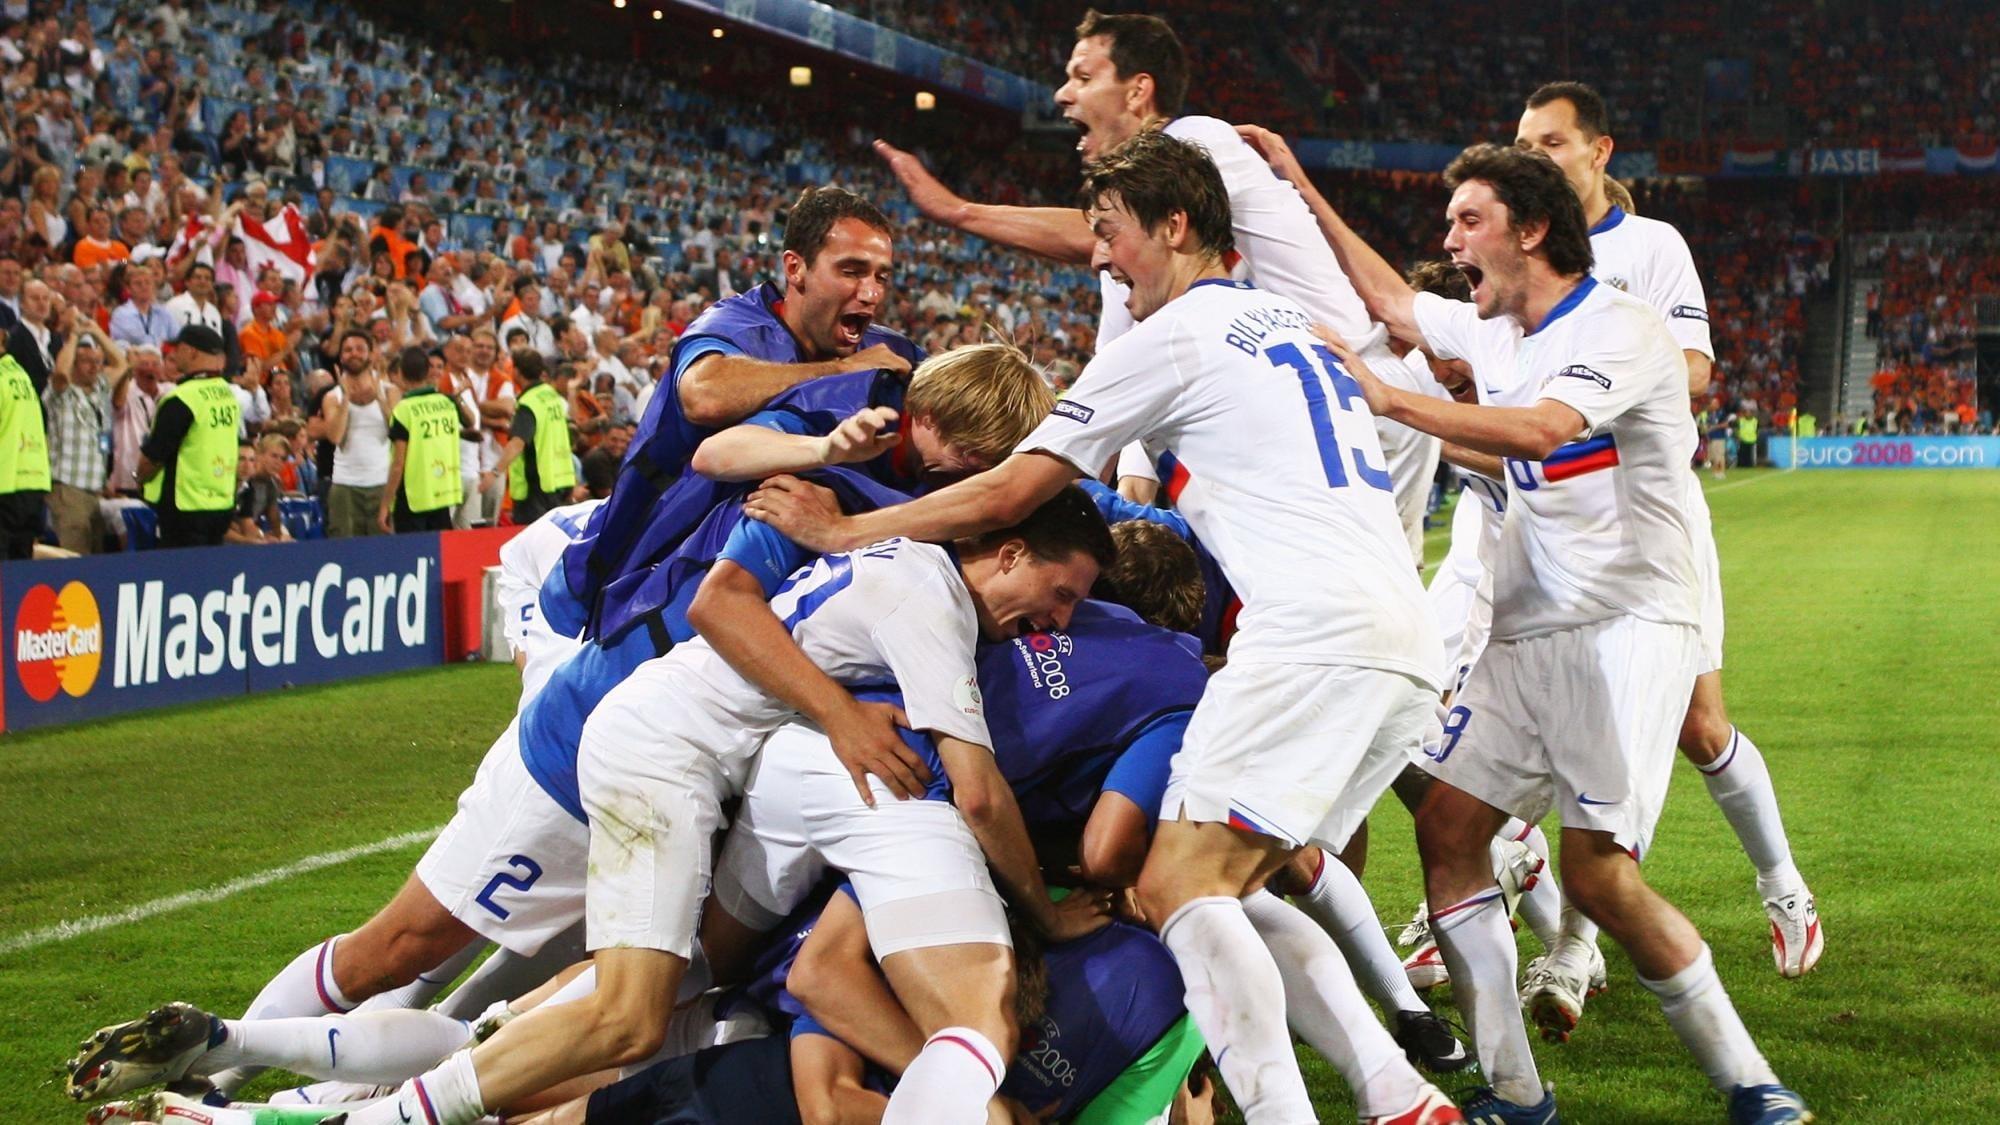 Президентом стал Медведев, а Золотой Мяч получил Кака. Каким был мир в то время, когда «Бавария» не играла в ЛЧ